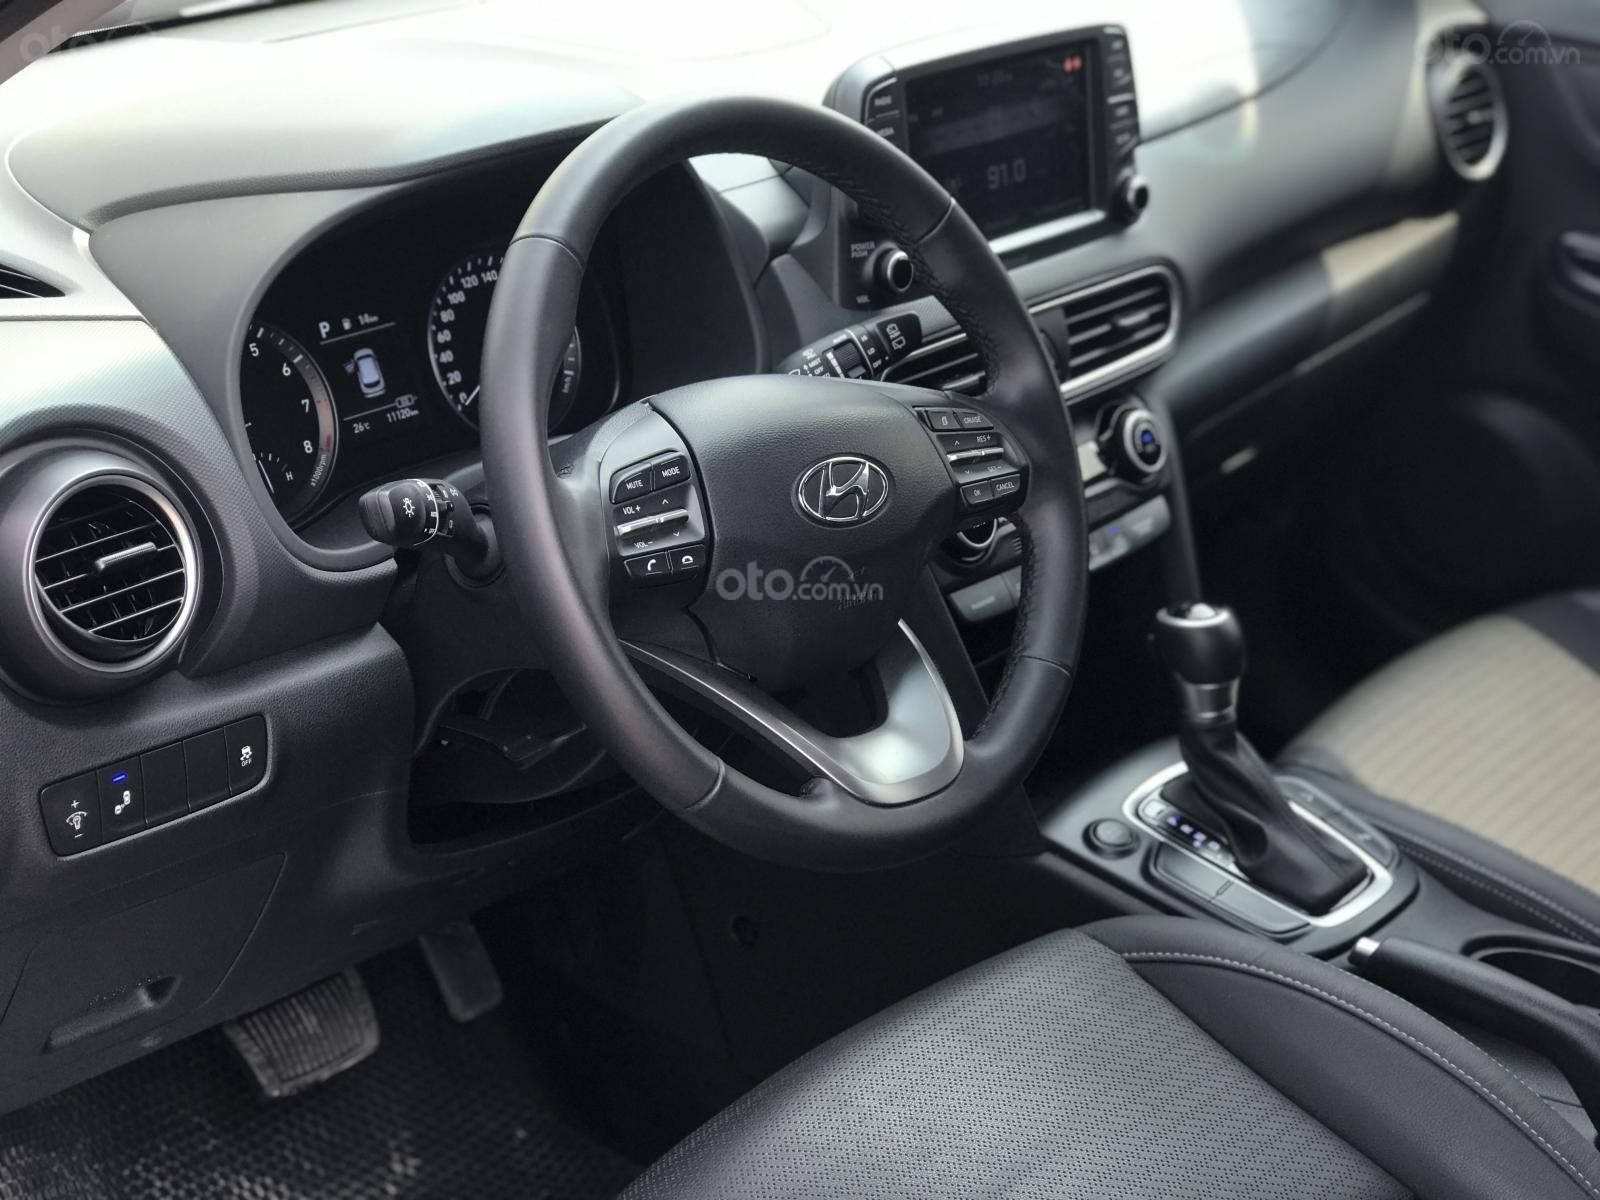 Cần bán xe Hyundai Kona đời 2019, màu đỏ, giá tốt (6)